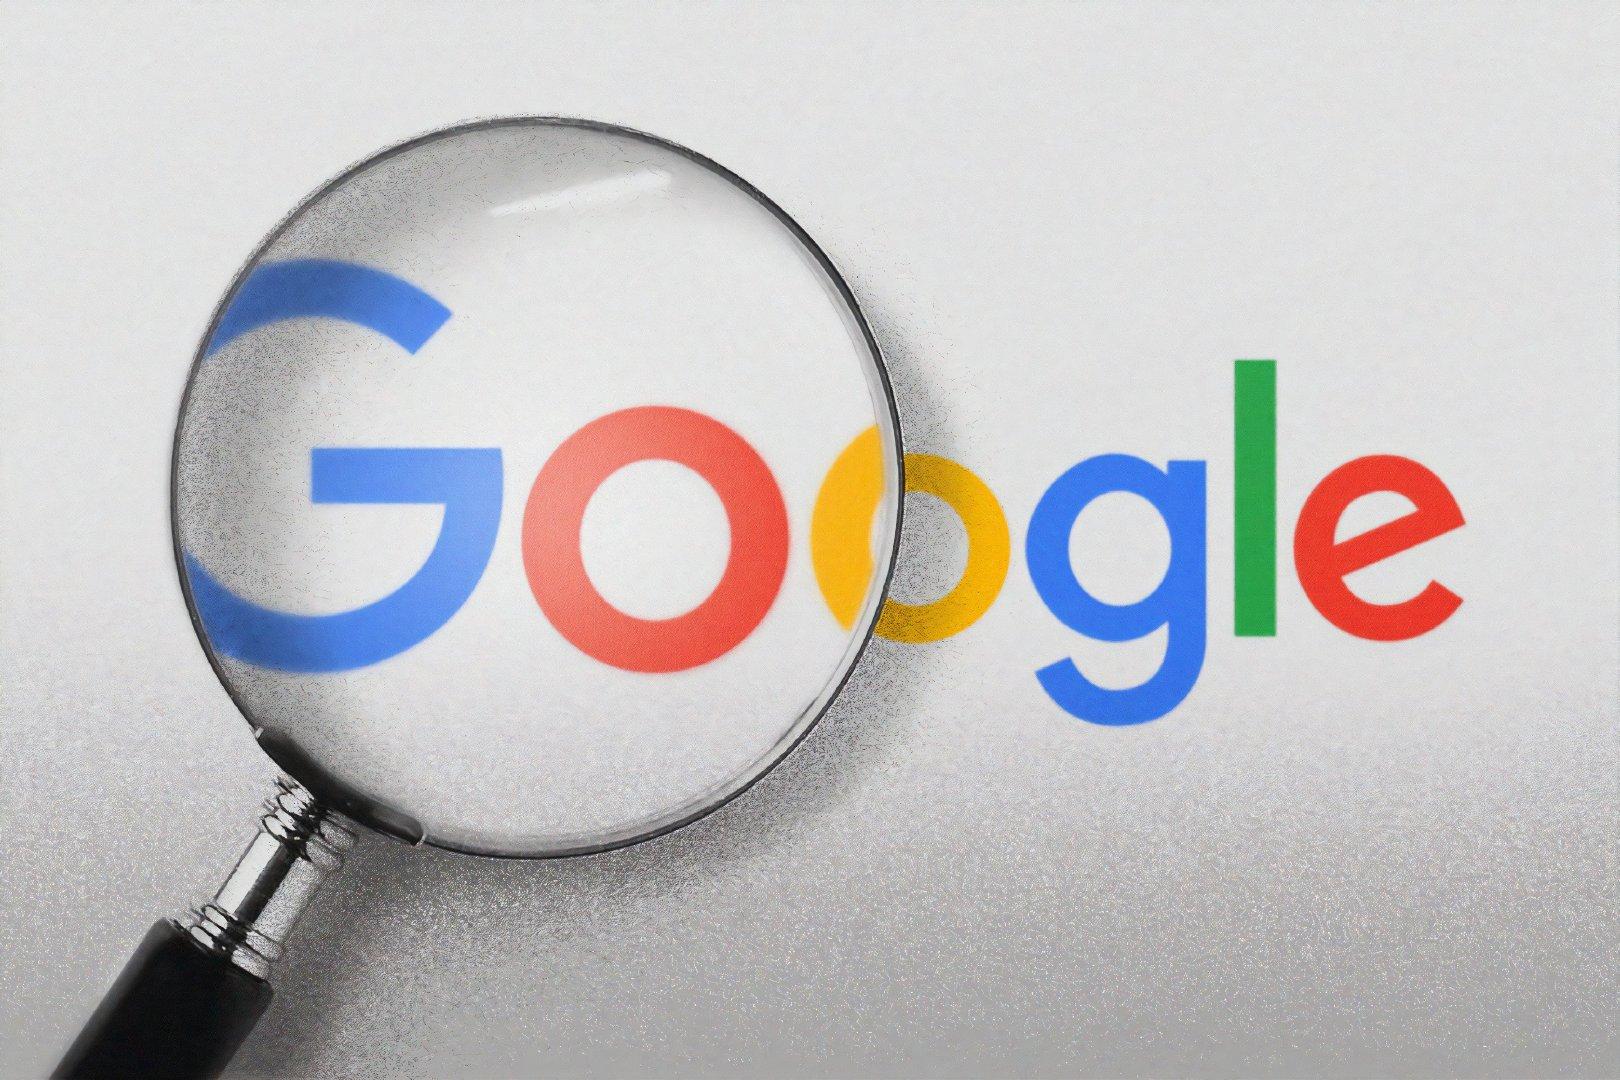 消息称谷歌为旅游深入分析工具Travel Insights推出新功能